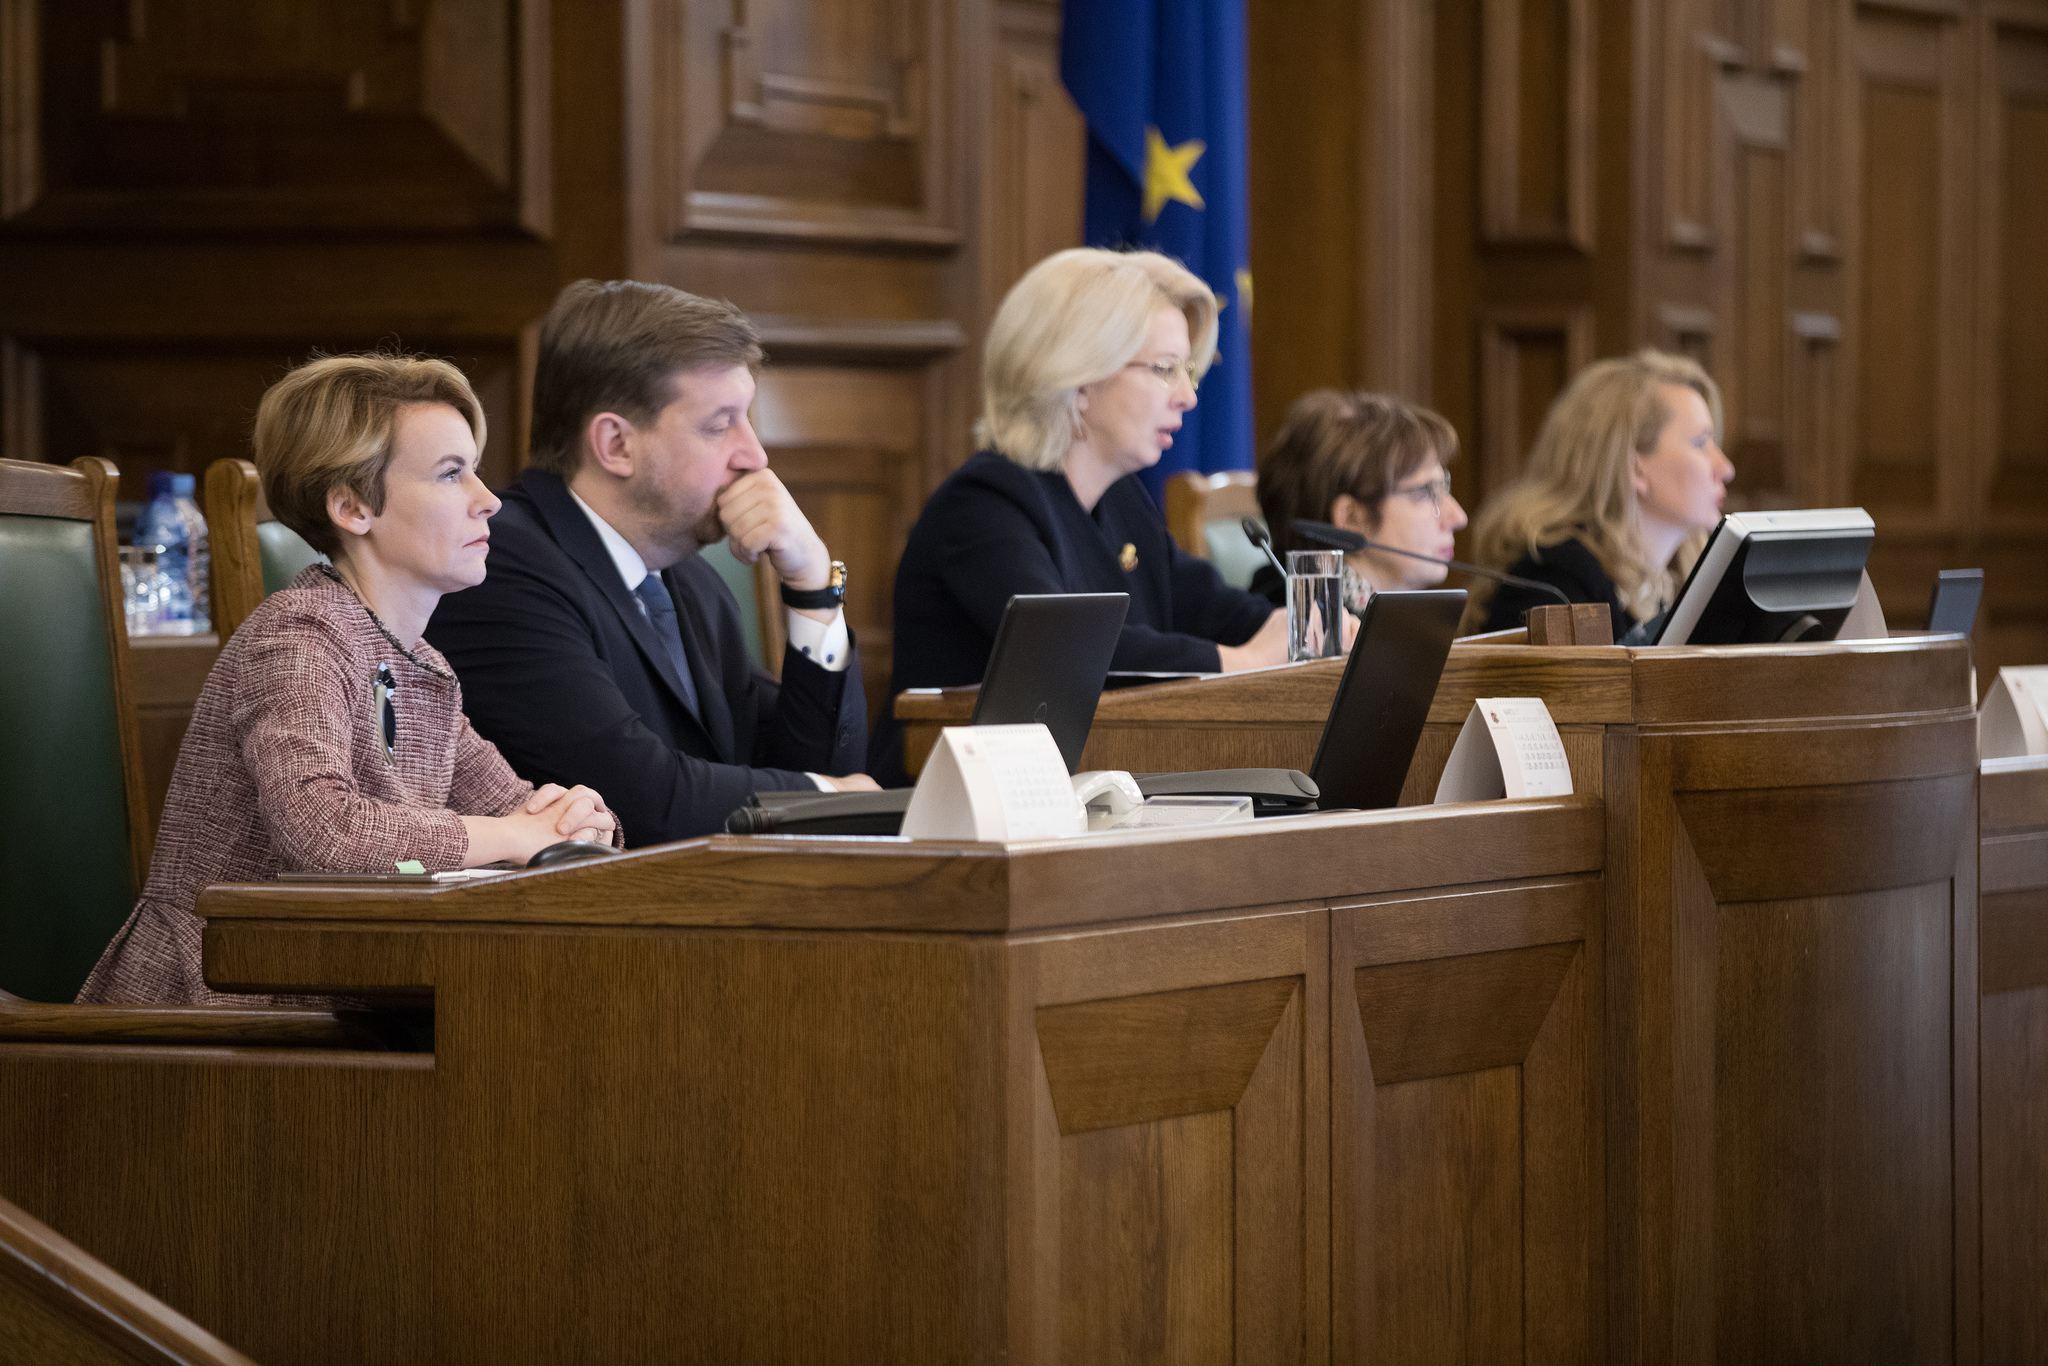 Nepilsoņu bērnu likumprojekts ir nodots Cilvēktiesību komisijai